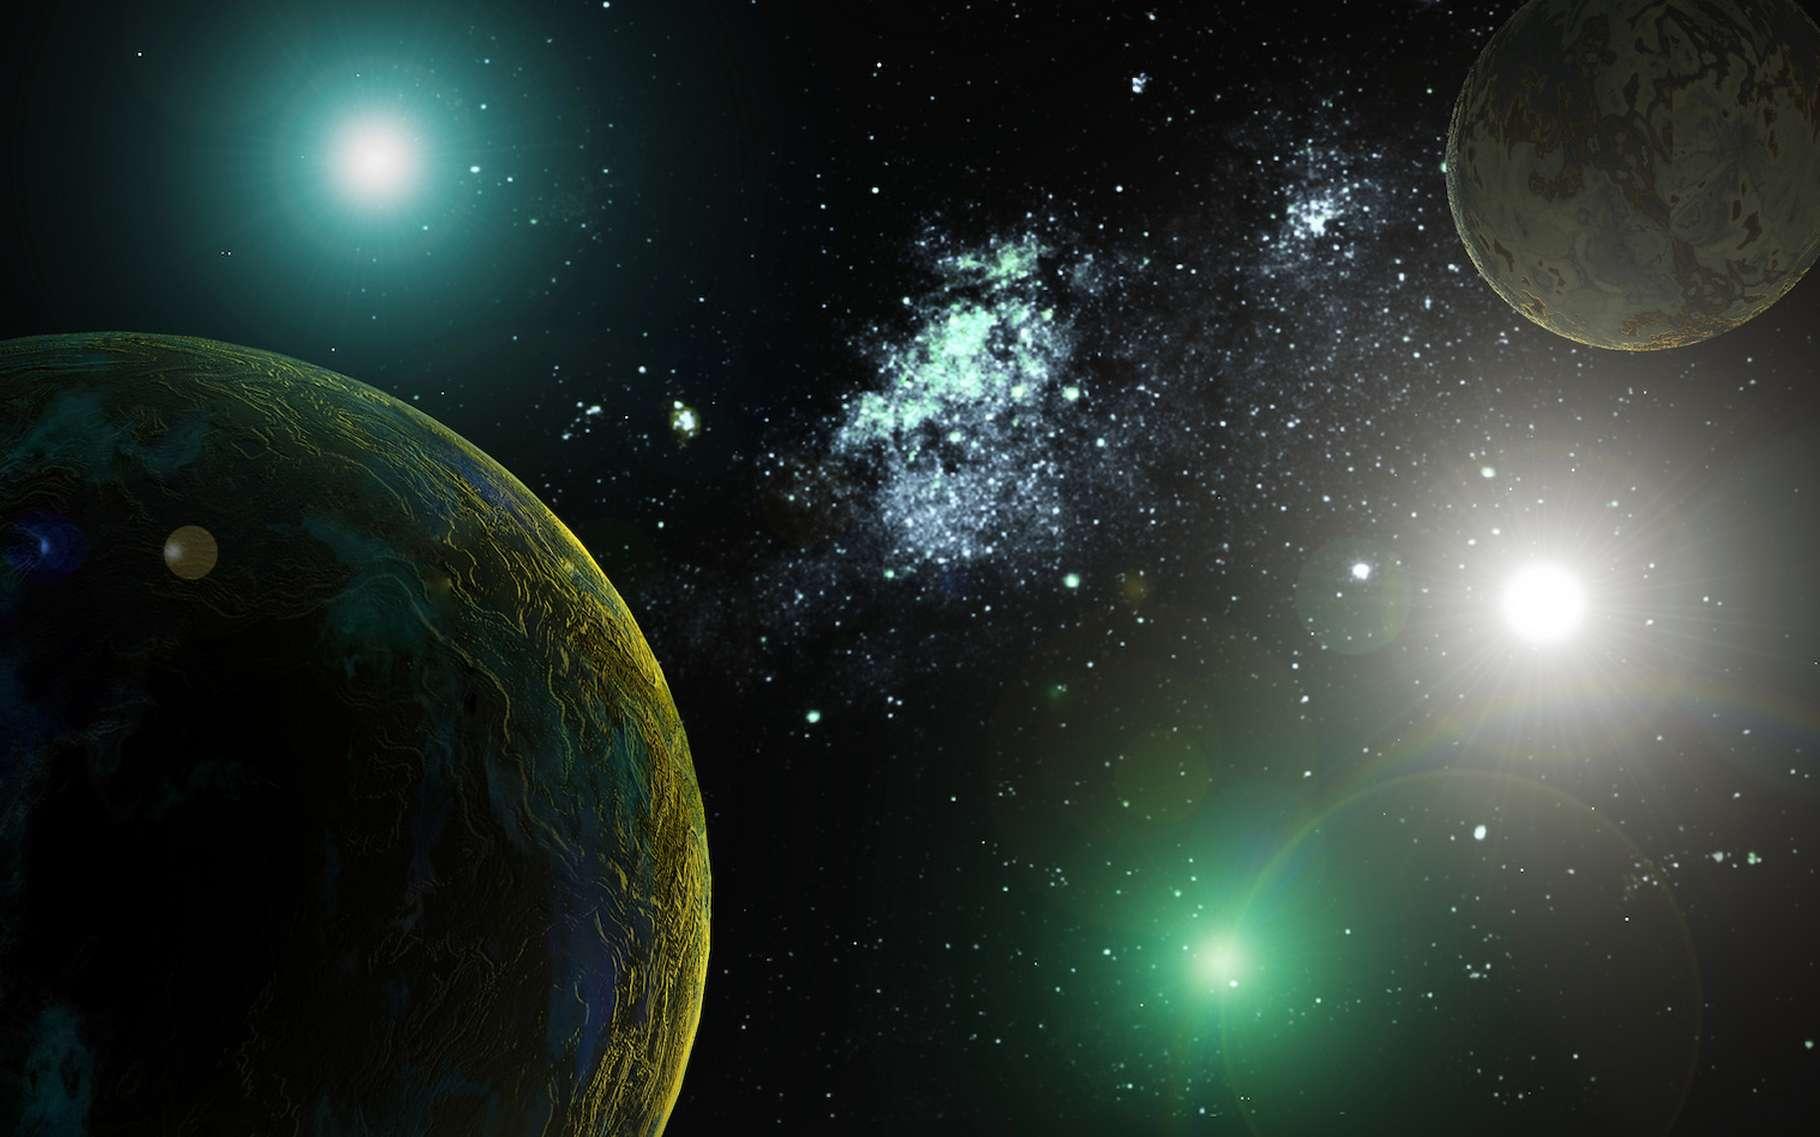 La nouvelle exoplanète découverte par des astronomes de Harvard (États-Unis) orbite autour de la plus brillante des étoiles de LTT 1445. © Sergey Drozdov, Fotolia